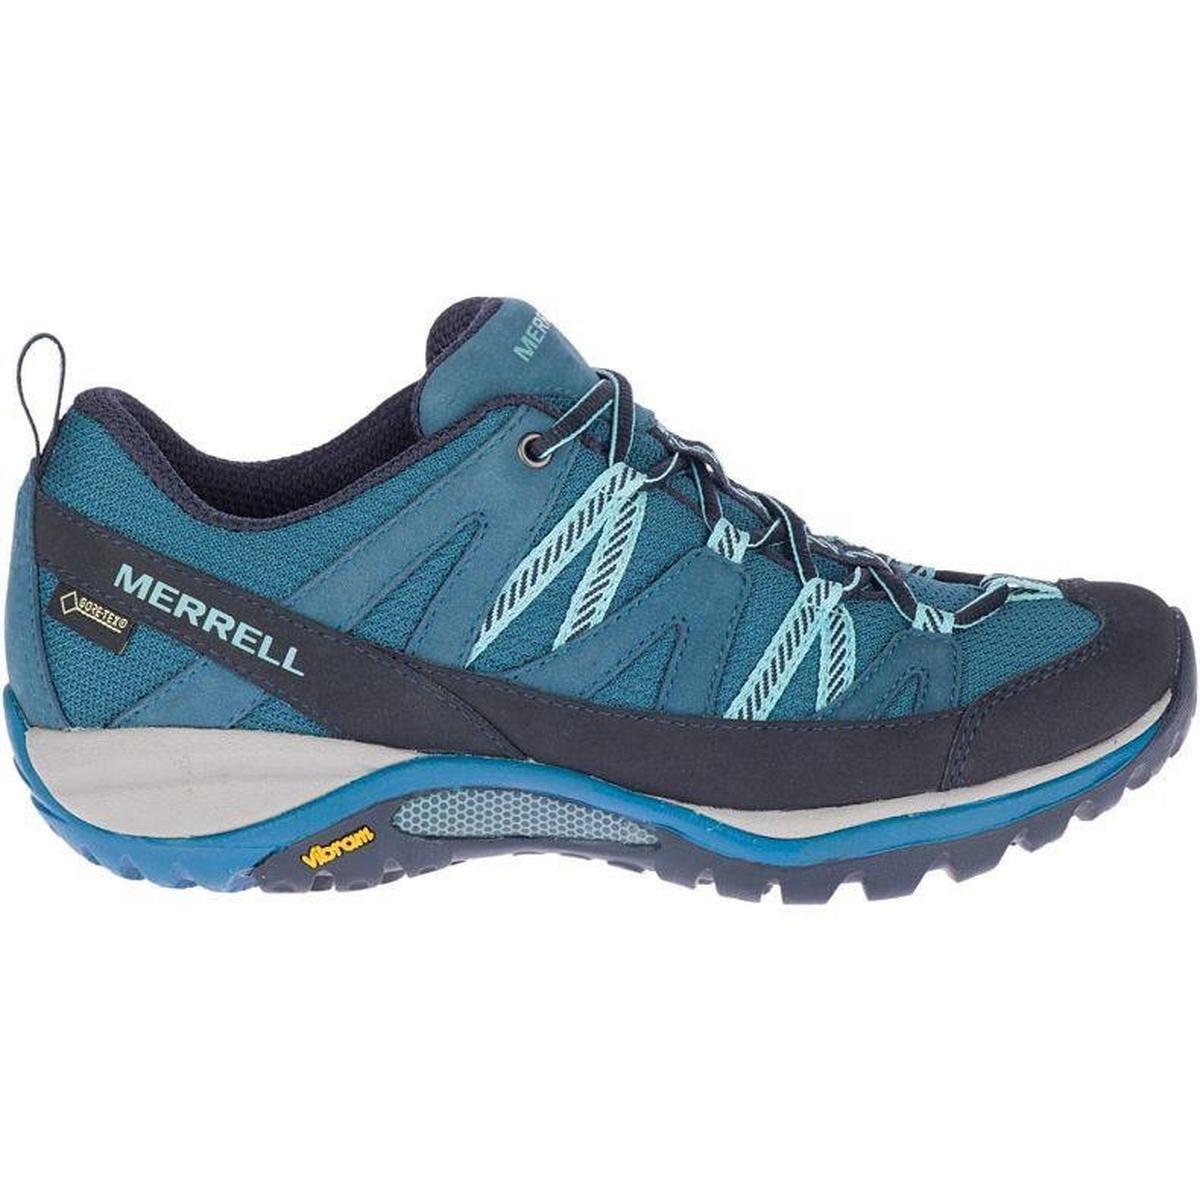 Merrell Women's Merrell Siren Sport 3 GTX Shoe - Blue